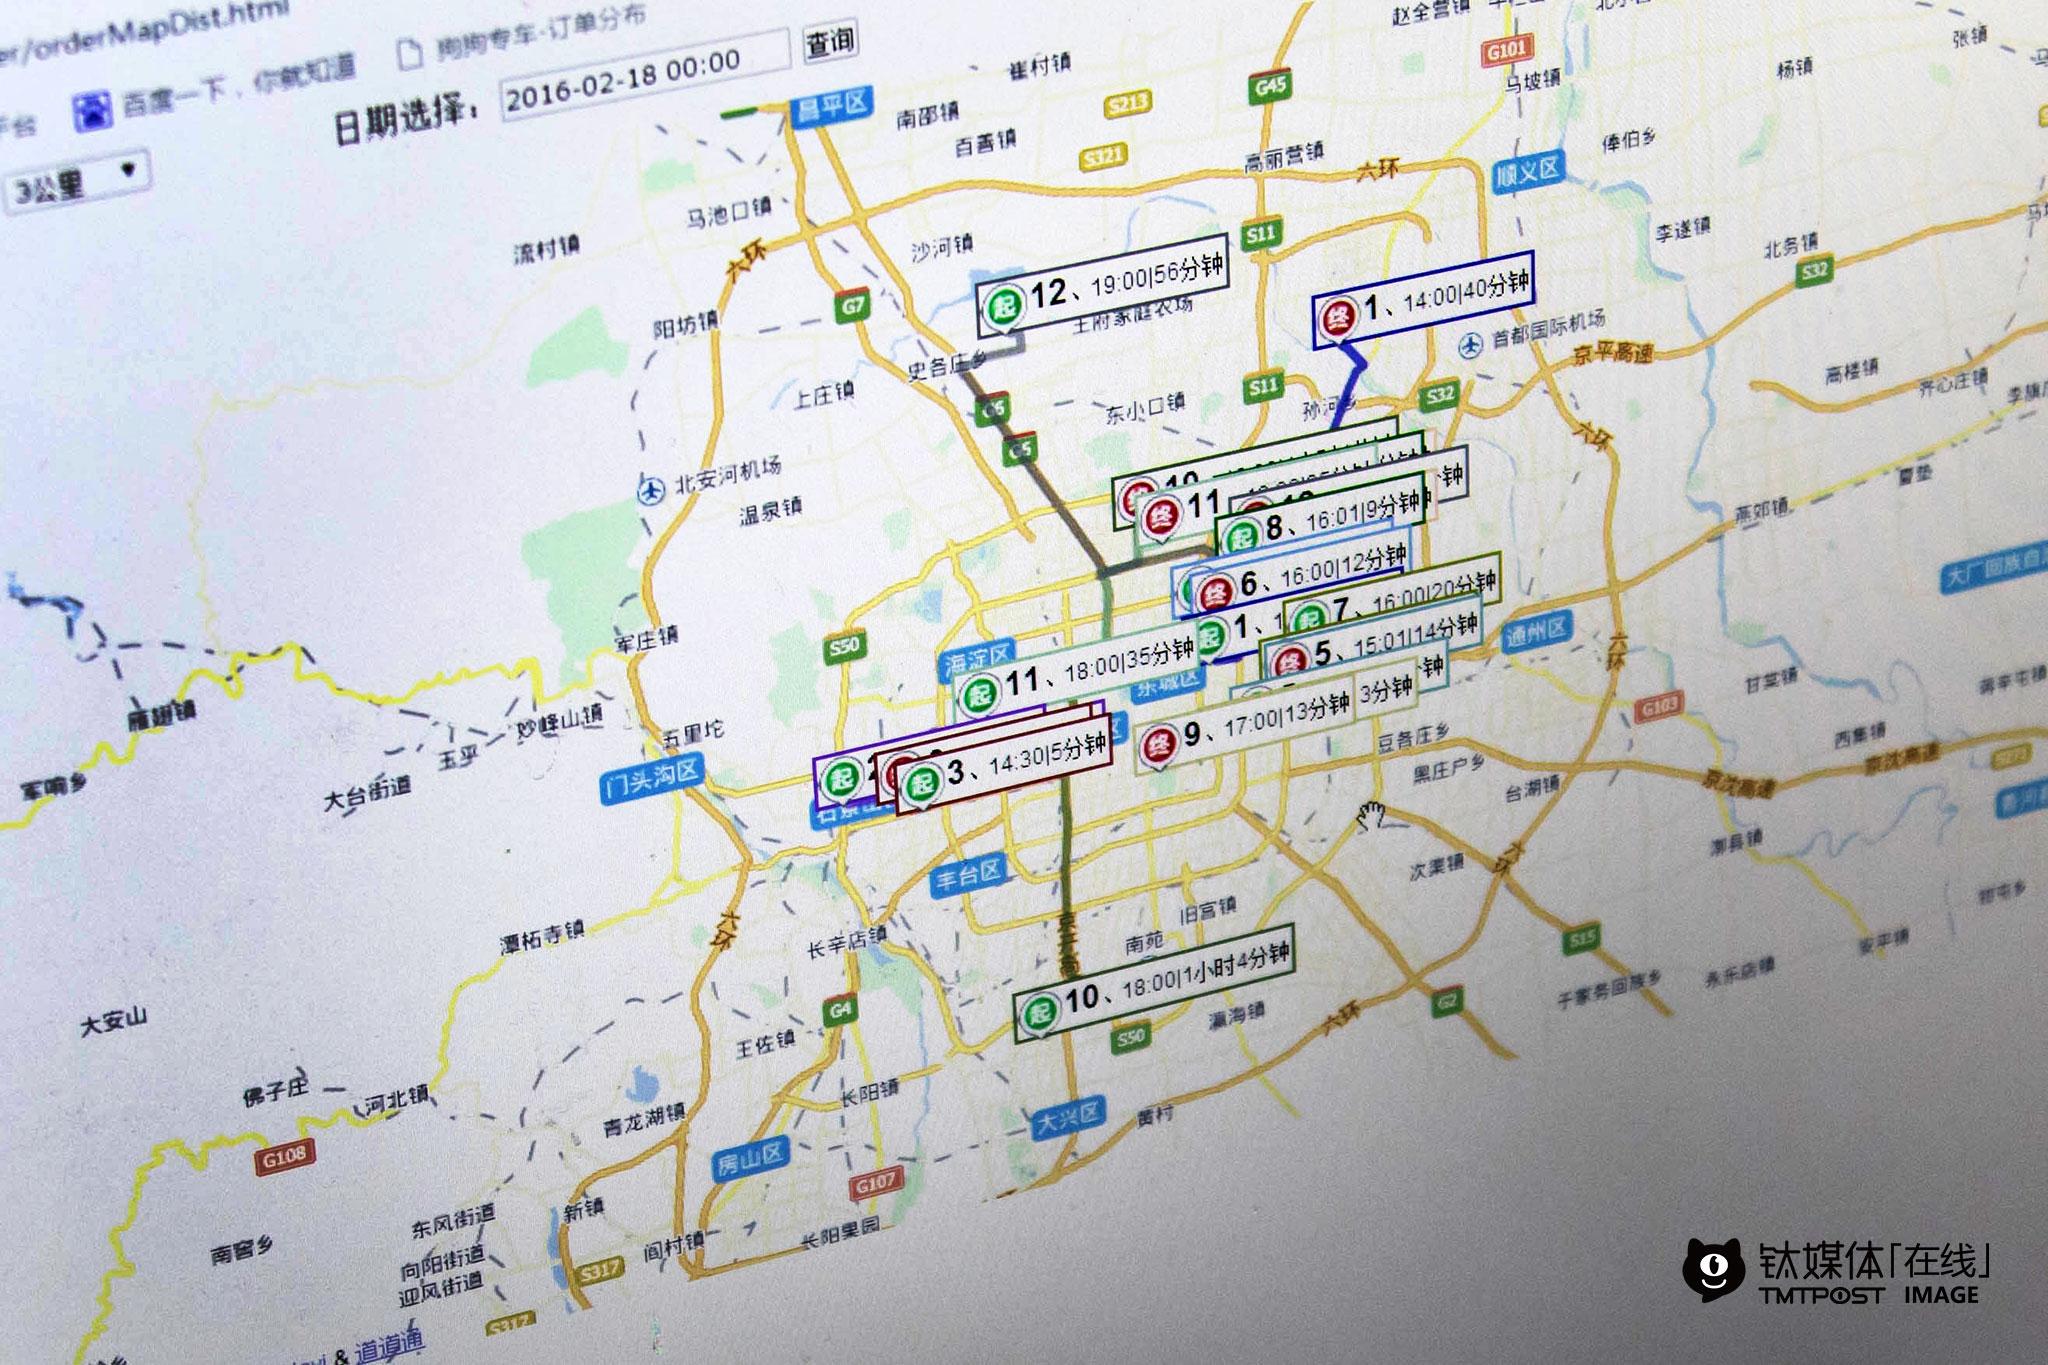 2月18日,狗狗专车出行服务实时订单状况。目前这项服务只在北京展开,四环以内的用户须提前1小时、四环以外用户须提前1天预约。据介绍,2015年7月初上线至2016年2月中旬,狗狗专车完成了1.4万单运送。